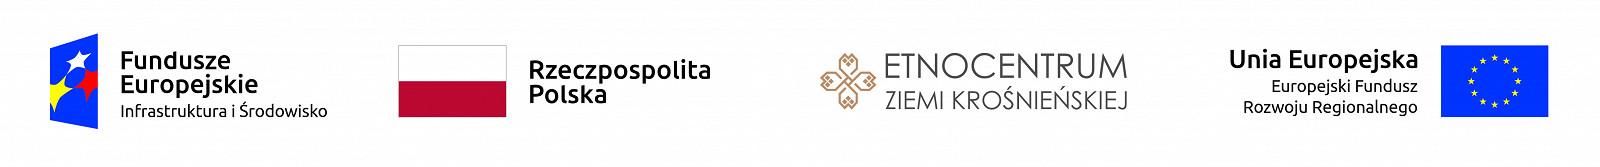 Otwarcie Etnocentrum - zobacz film z konferencji otwierającej! - zdjęcie w treści